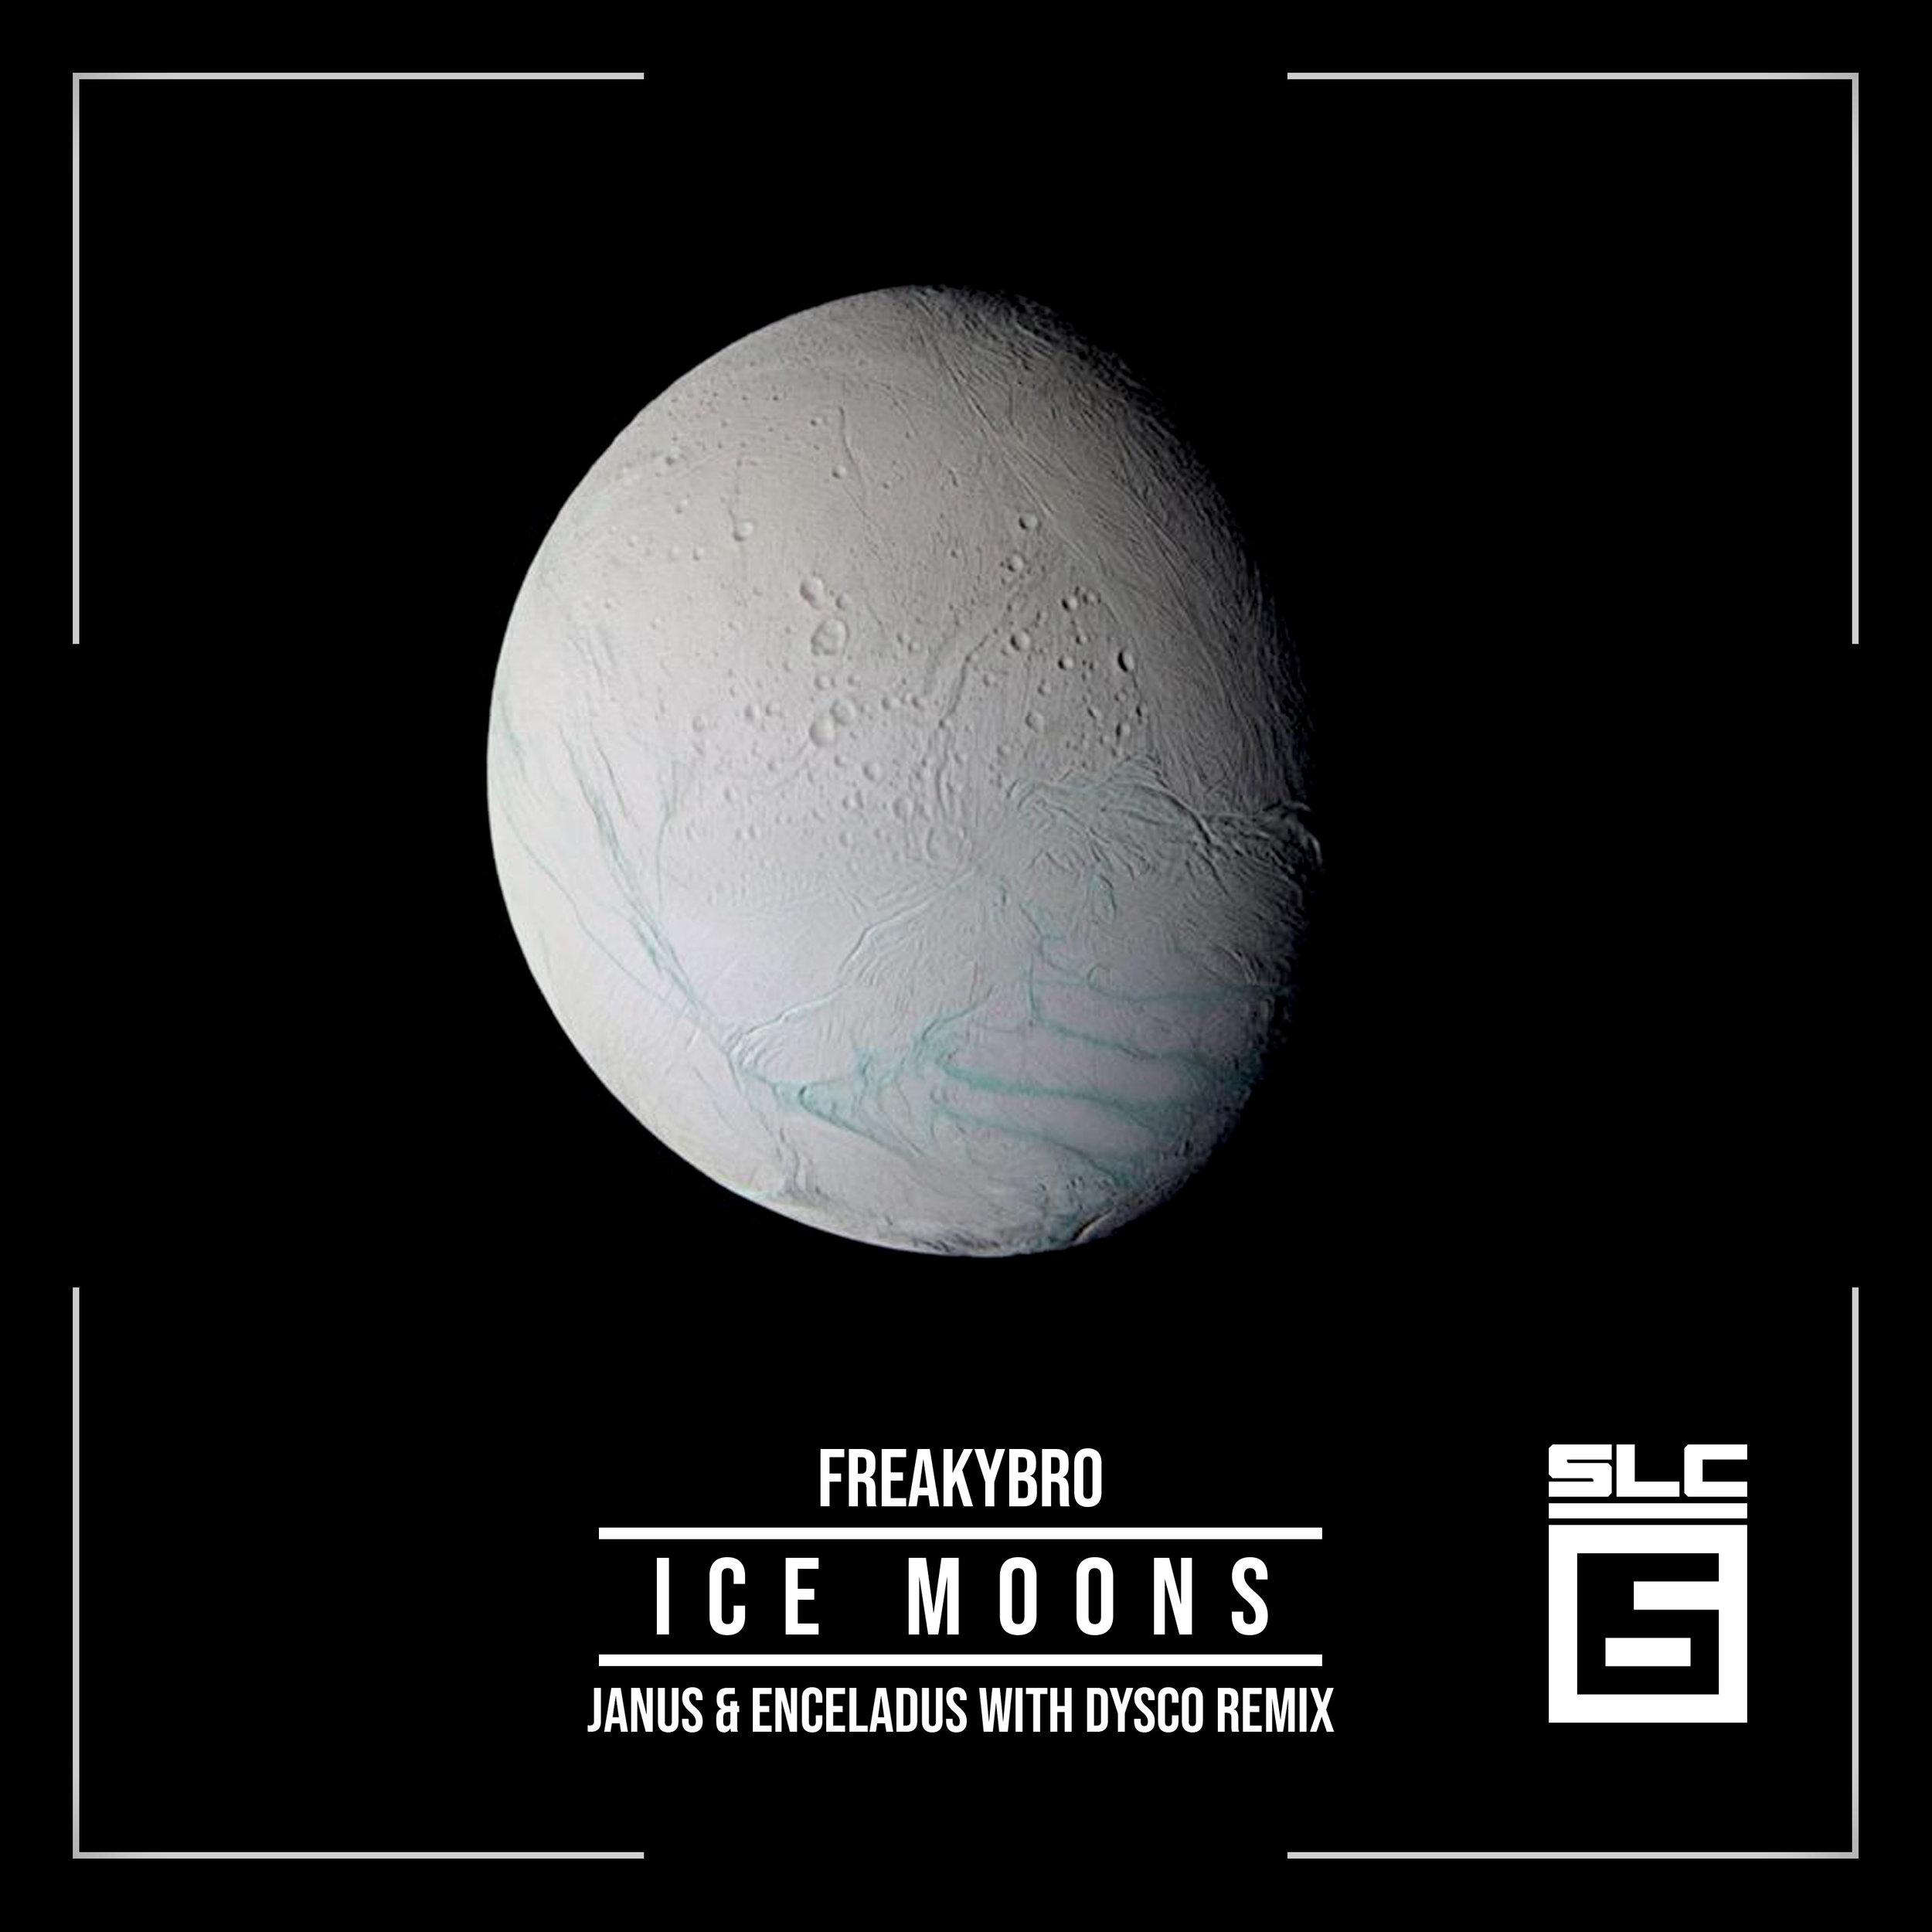 FreakyBro - Ice Moons